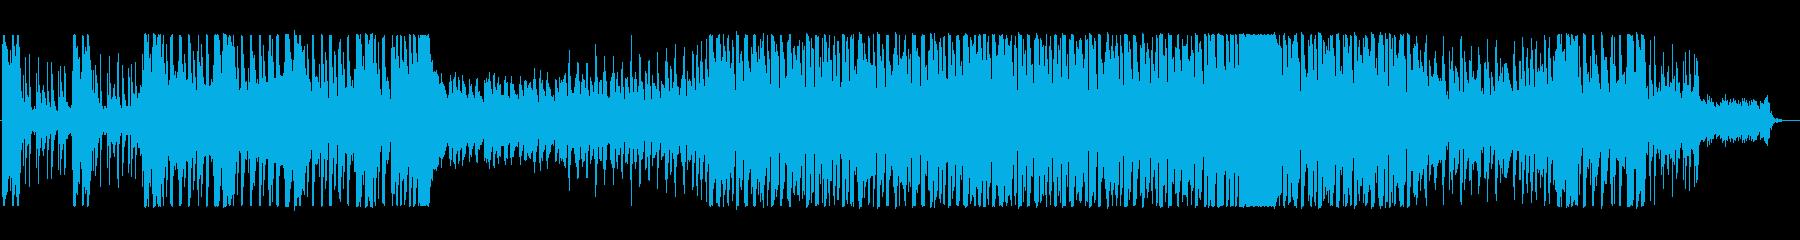 軽快なテクノで疾走感があるポップスの再生済みの波形